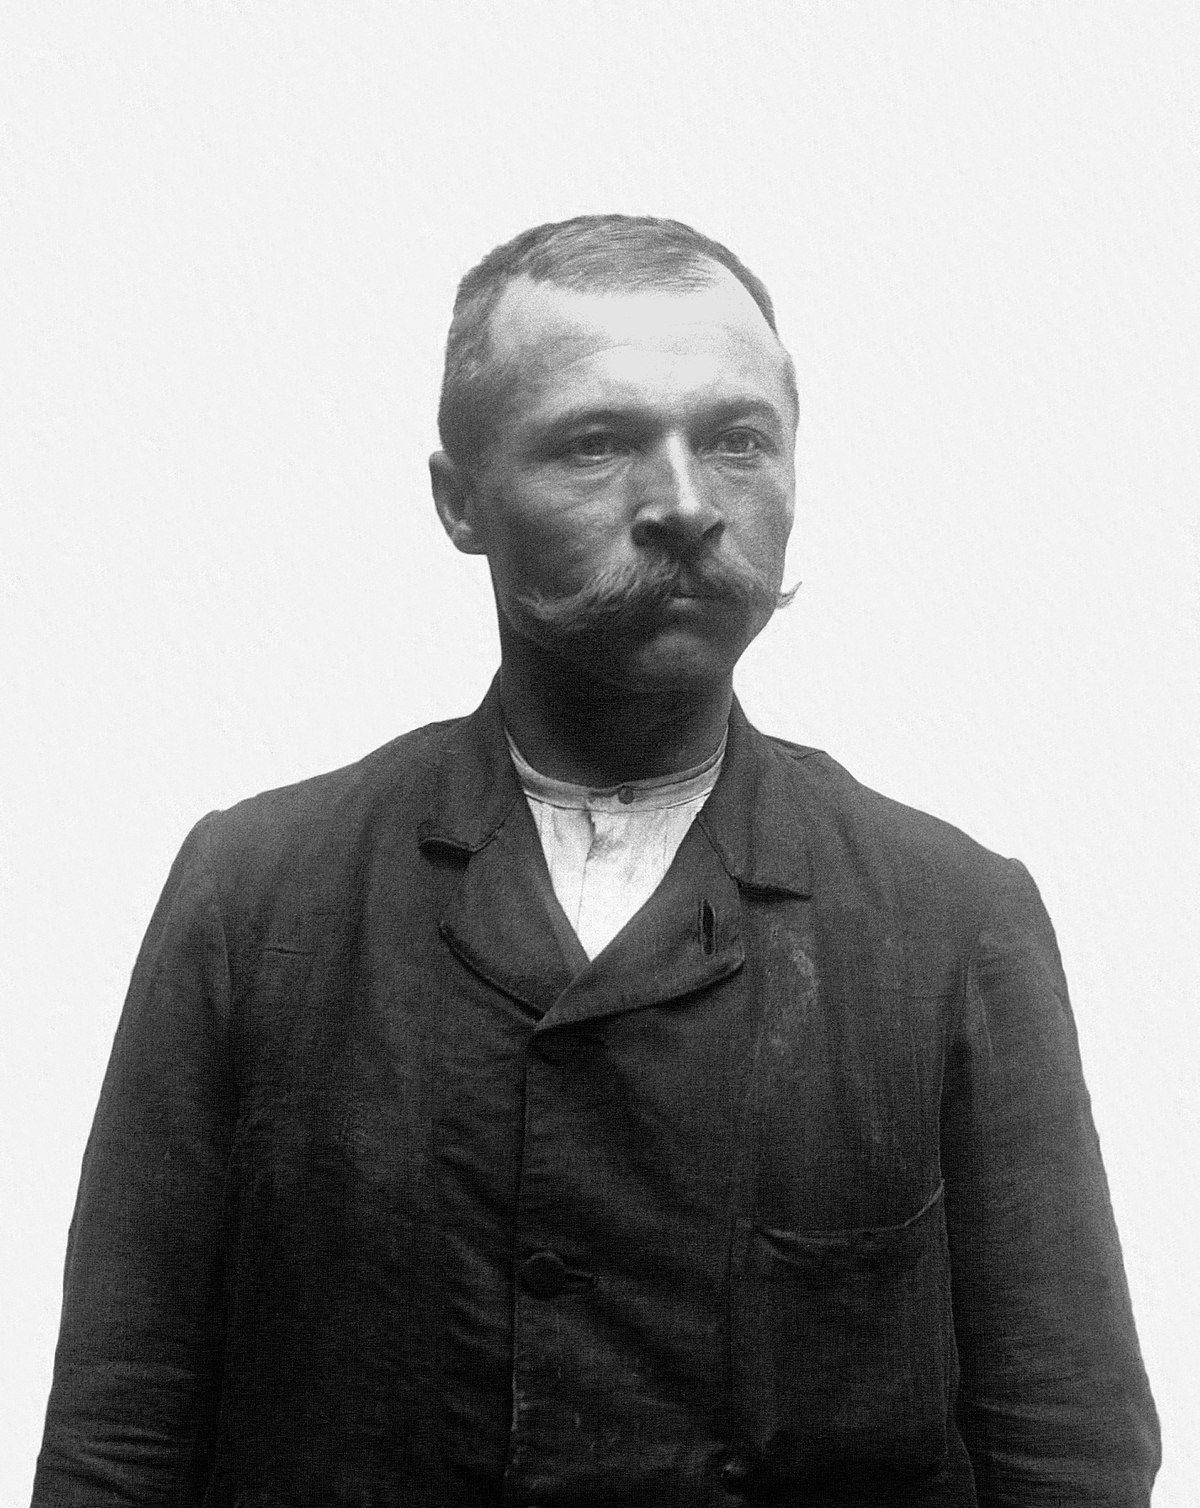 Maurice Garin - Wikipedia